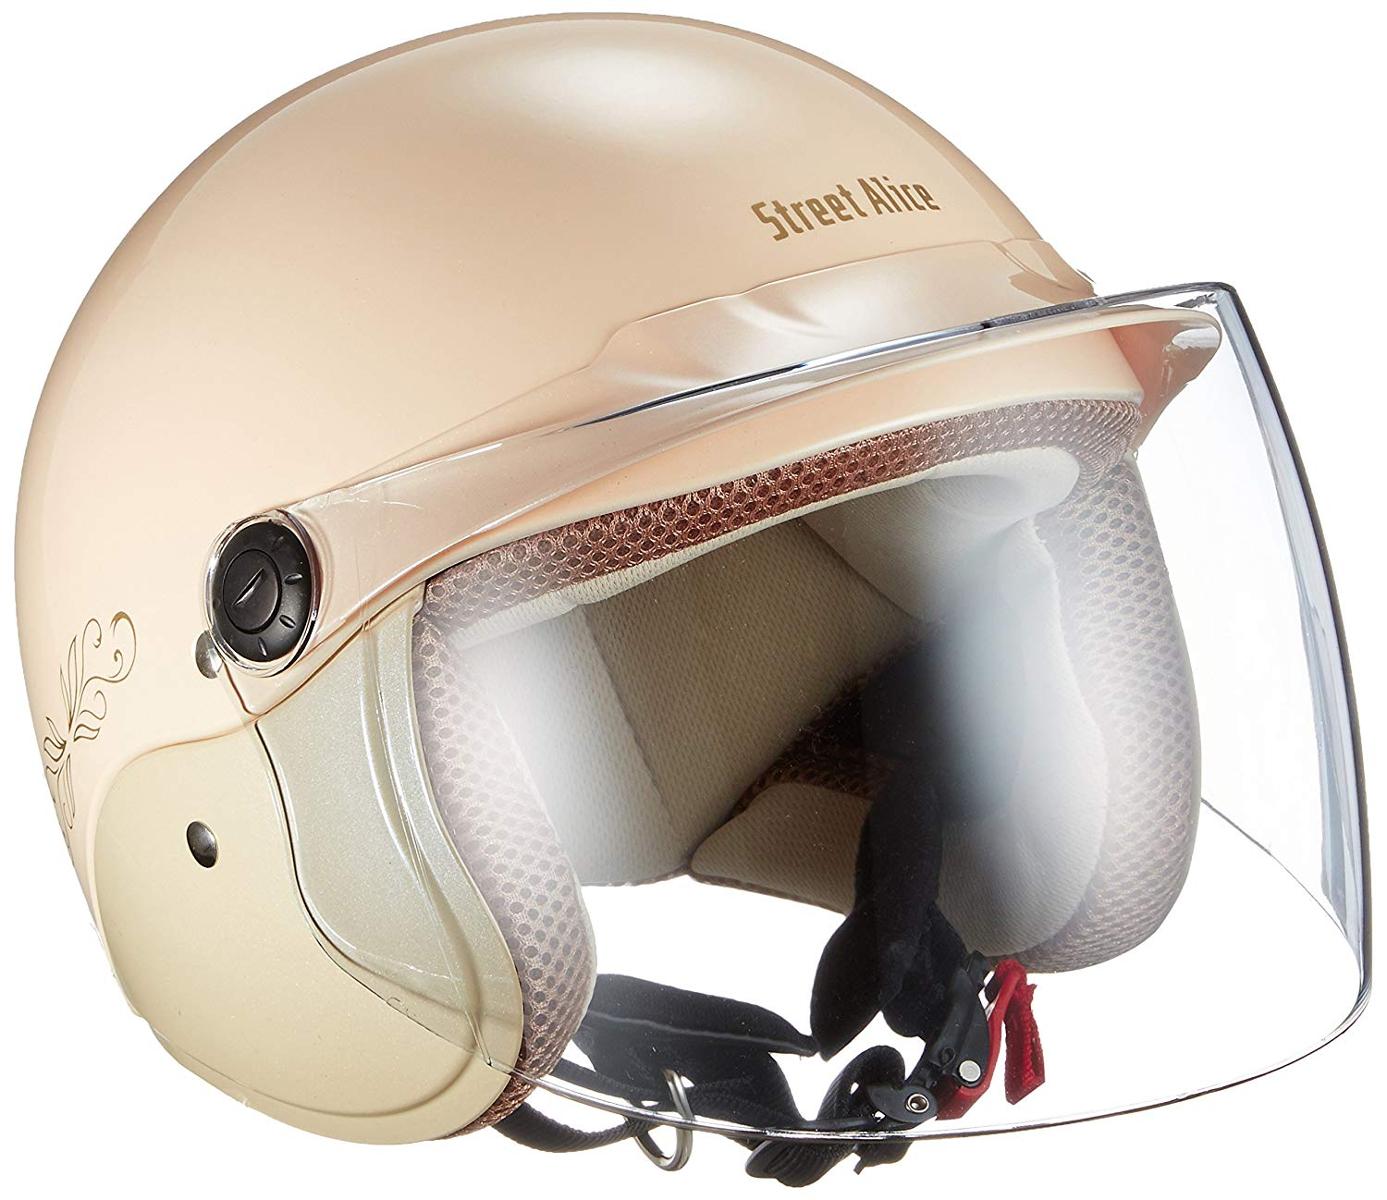 誕生日 お祝い リード工業 ジェットヘルメット 超激安 Street Alice 57-60cm未満 レディースフリーサイズ QJ-3 パールアイボリー